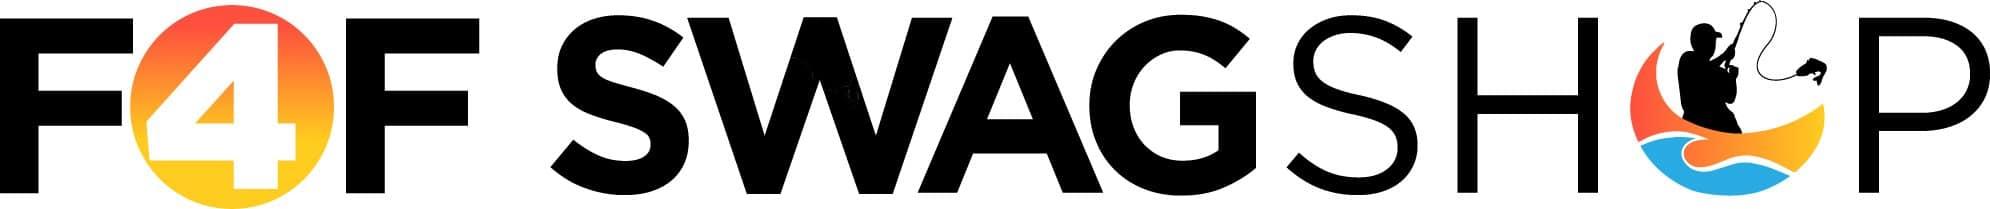 Fanatic 4 Fishing Swag Shop logo